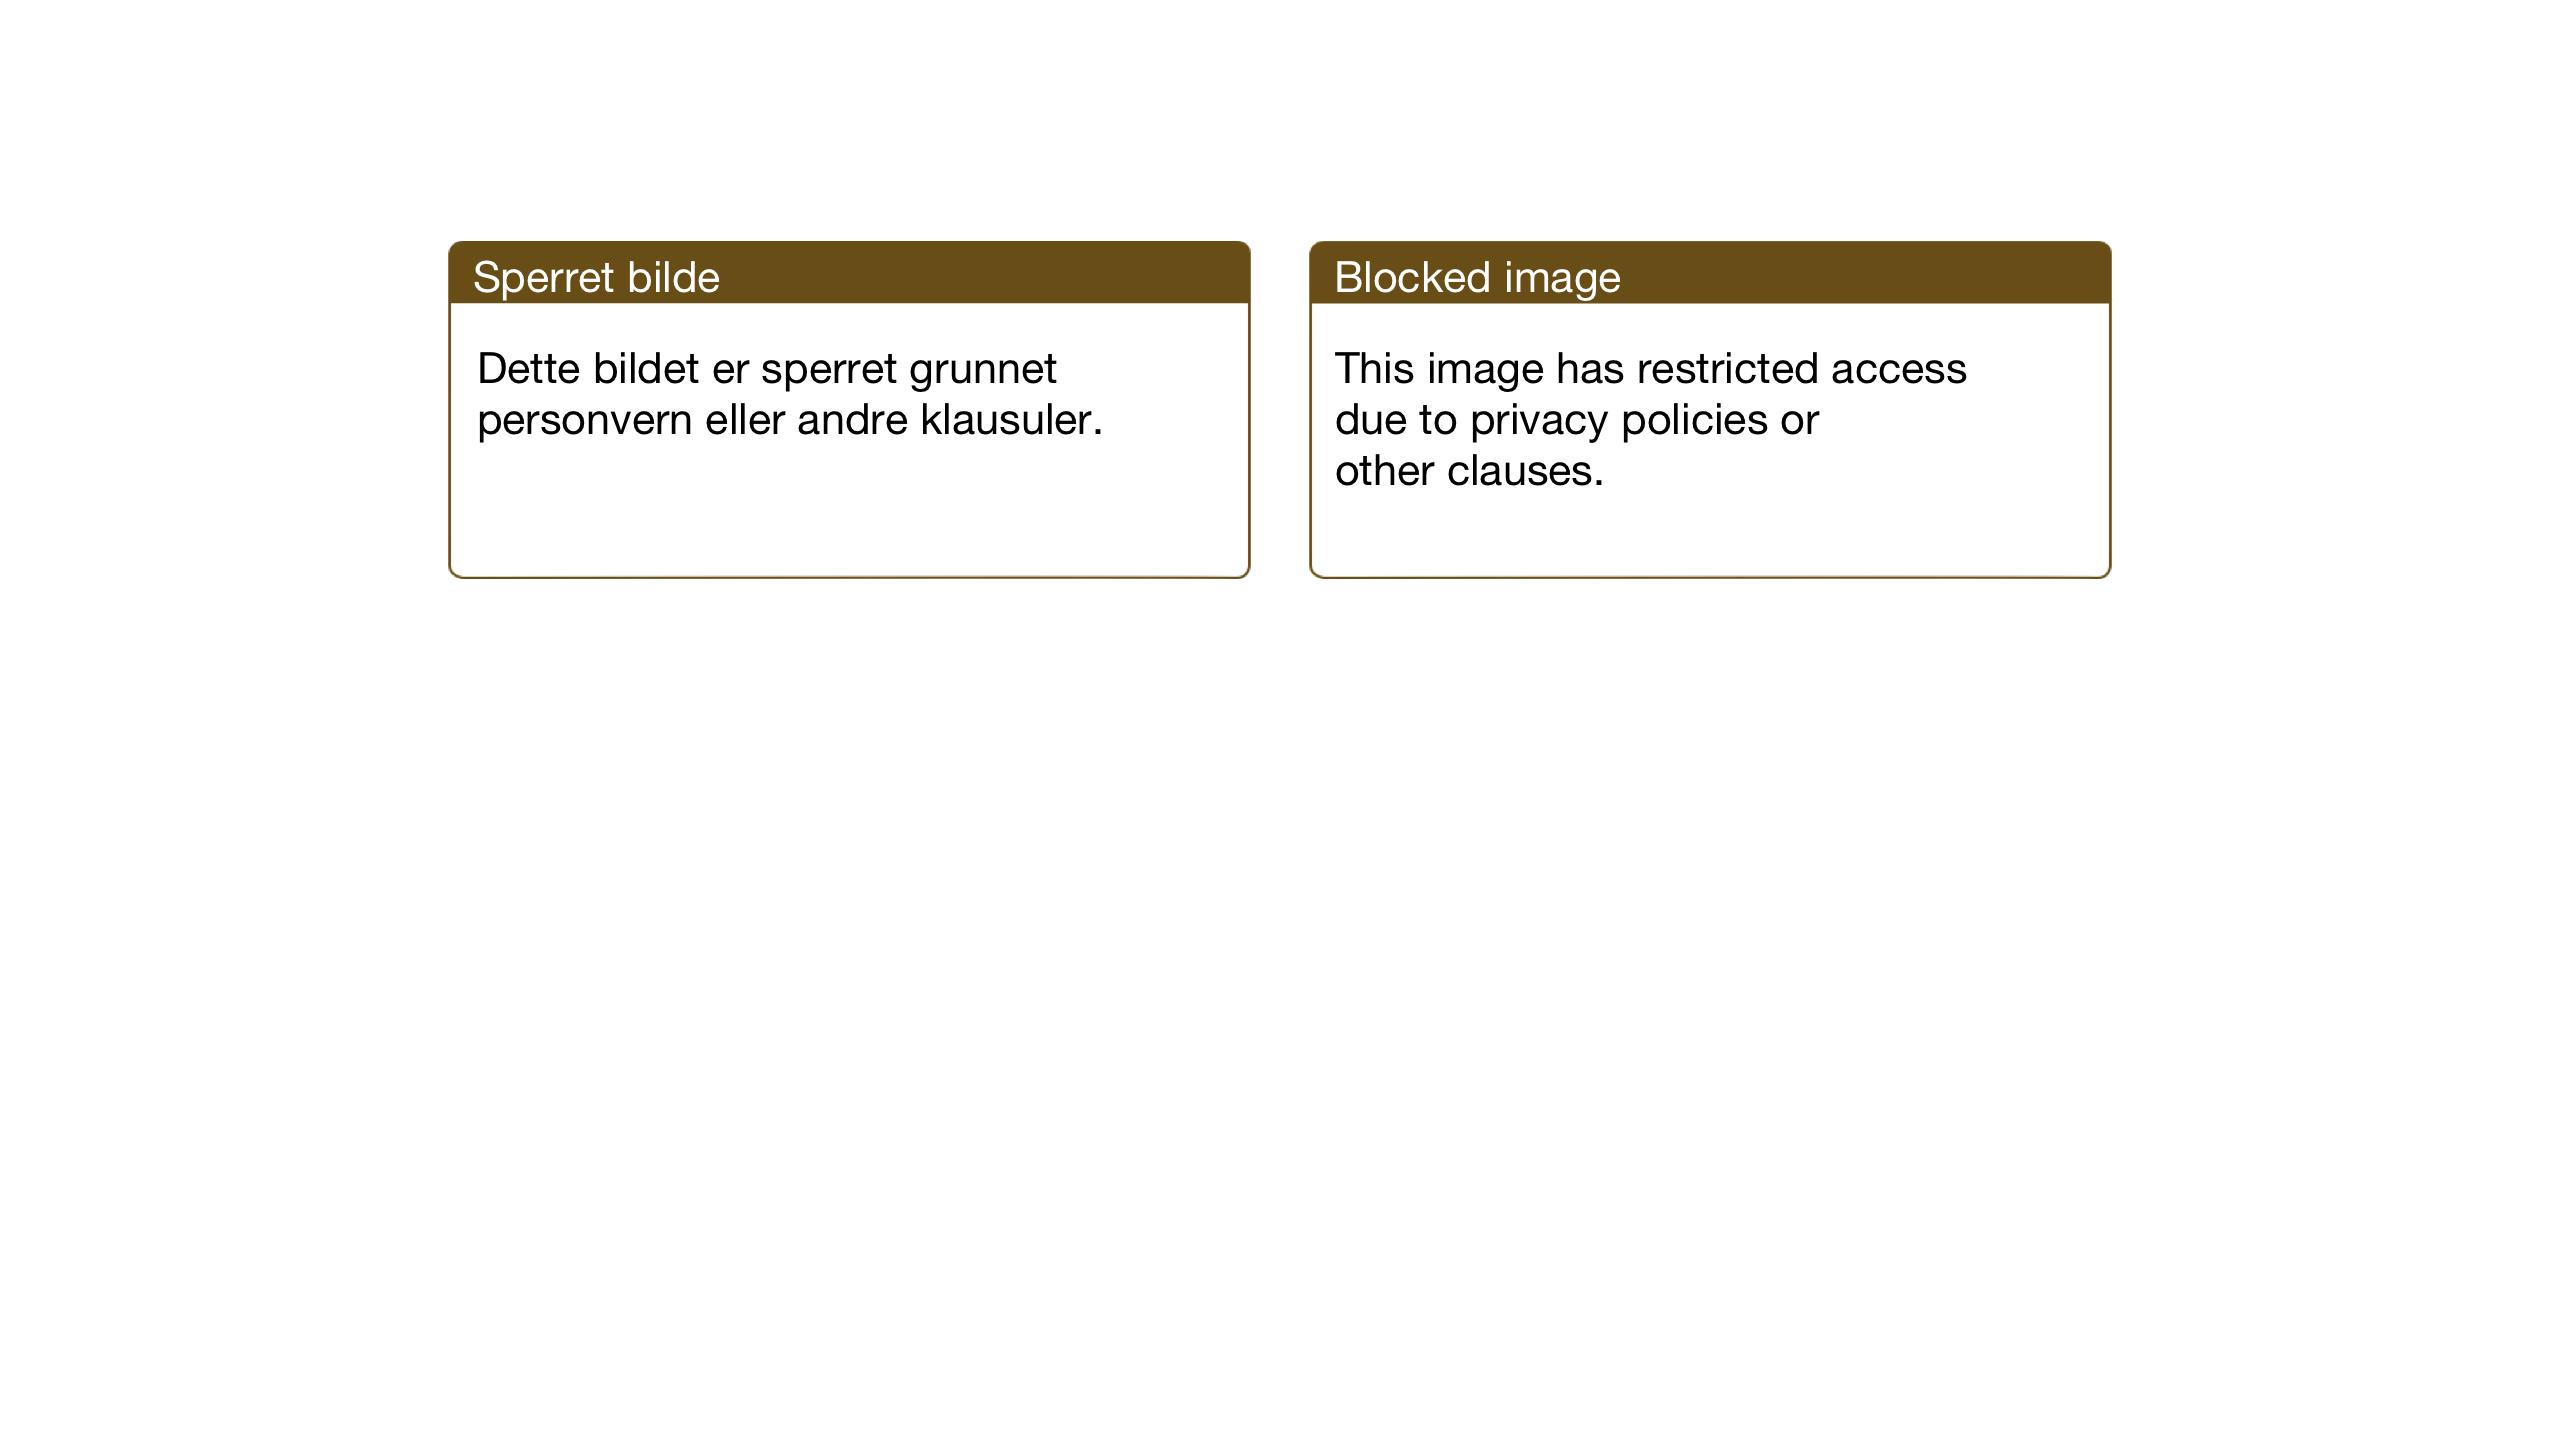 SAT, Ministerialprotokoller, klokkerbøker og fødselsregistre - Sør-Trøndelag, 682/L0947: Klokkerbok nr. 682C01, 1926-1968, s. 88